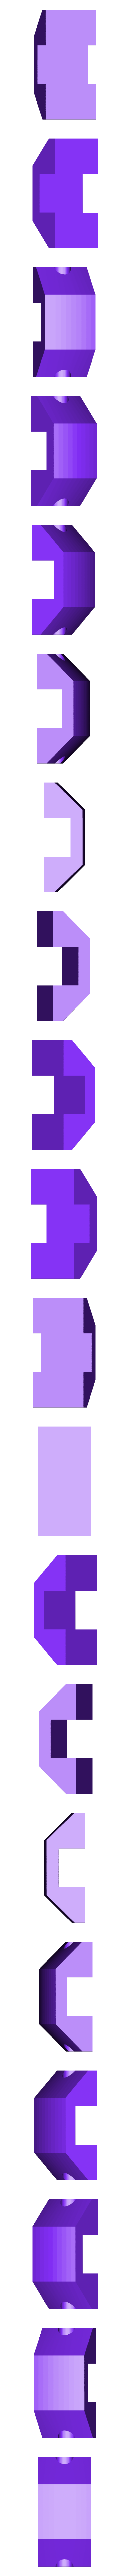 Clipse5_3D.stl Télécharger fichier STL gratuit quelques roulements à billes linéaires • Design pour impression 3D, SiberK